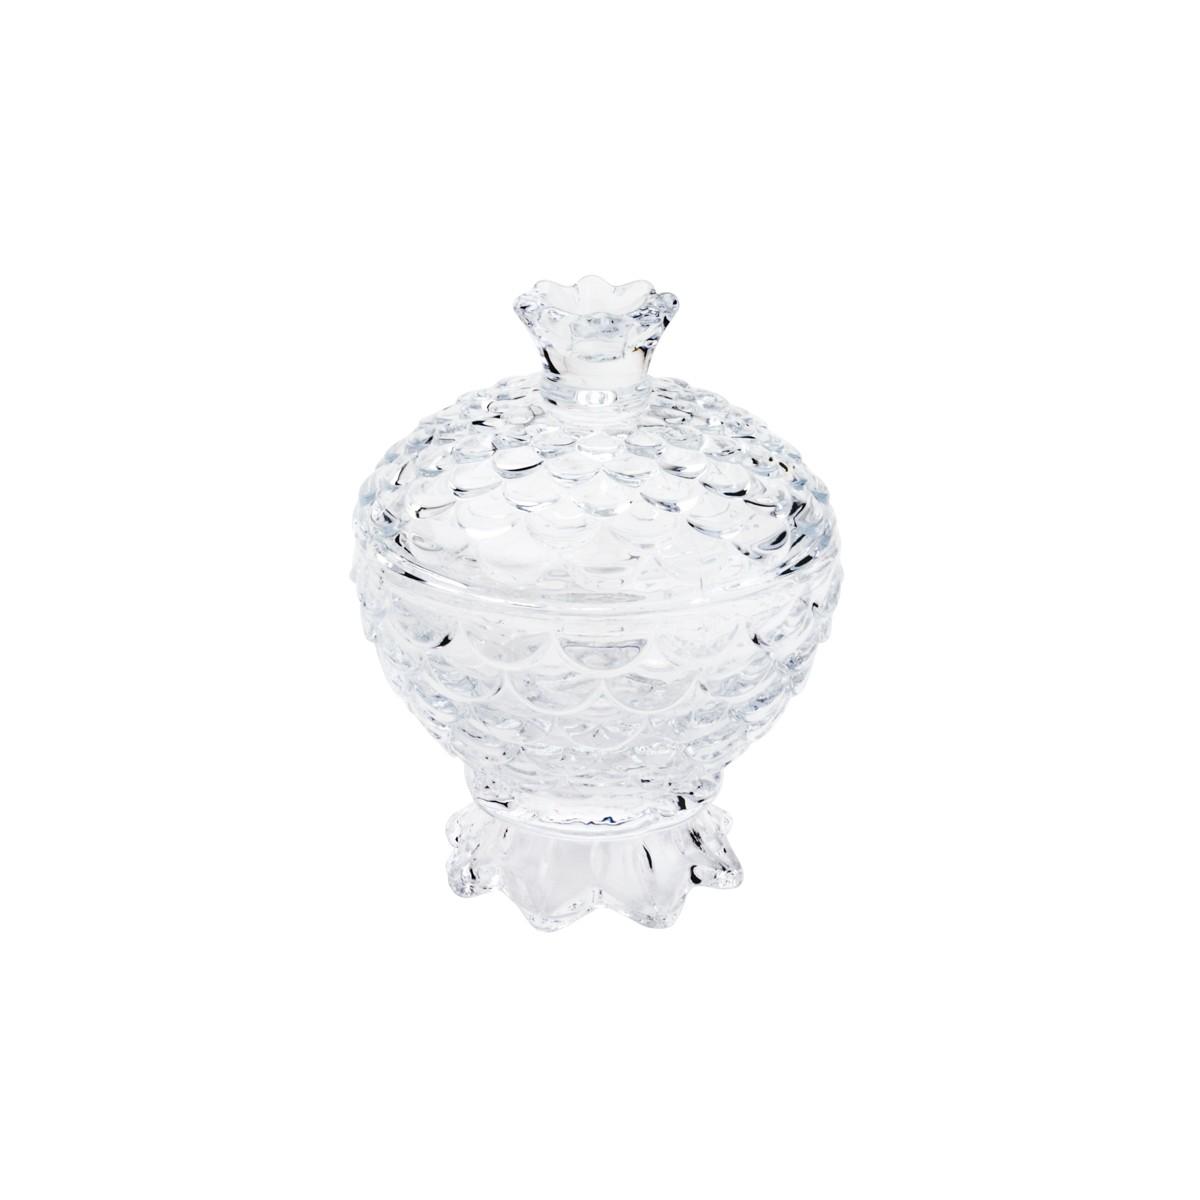 Potiche Decorativo C/ Pé De Cristal Pineapple Lyor